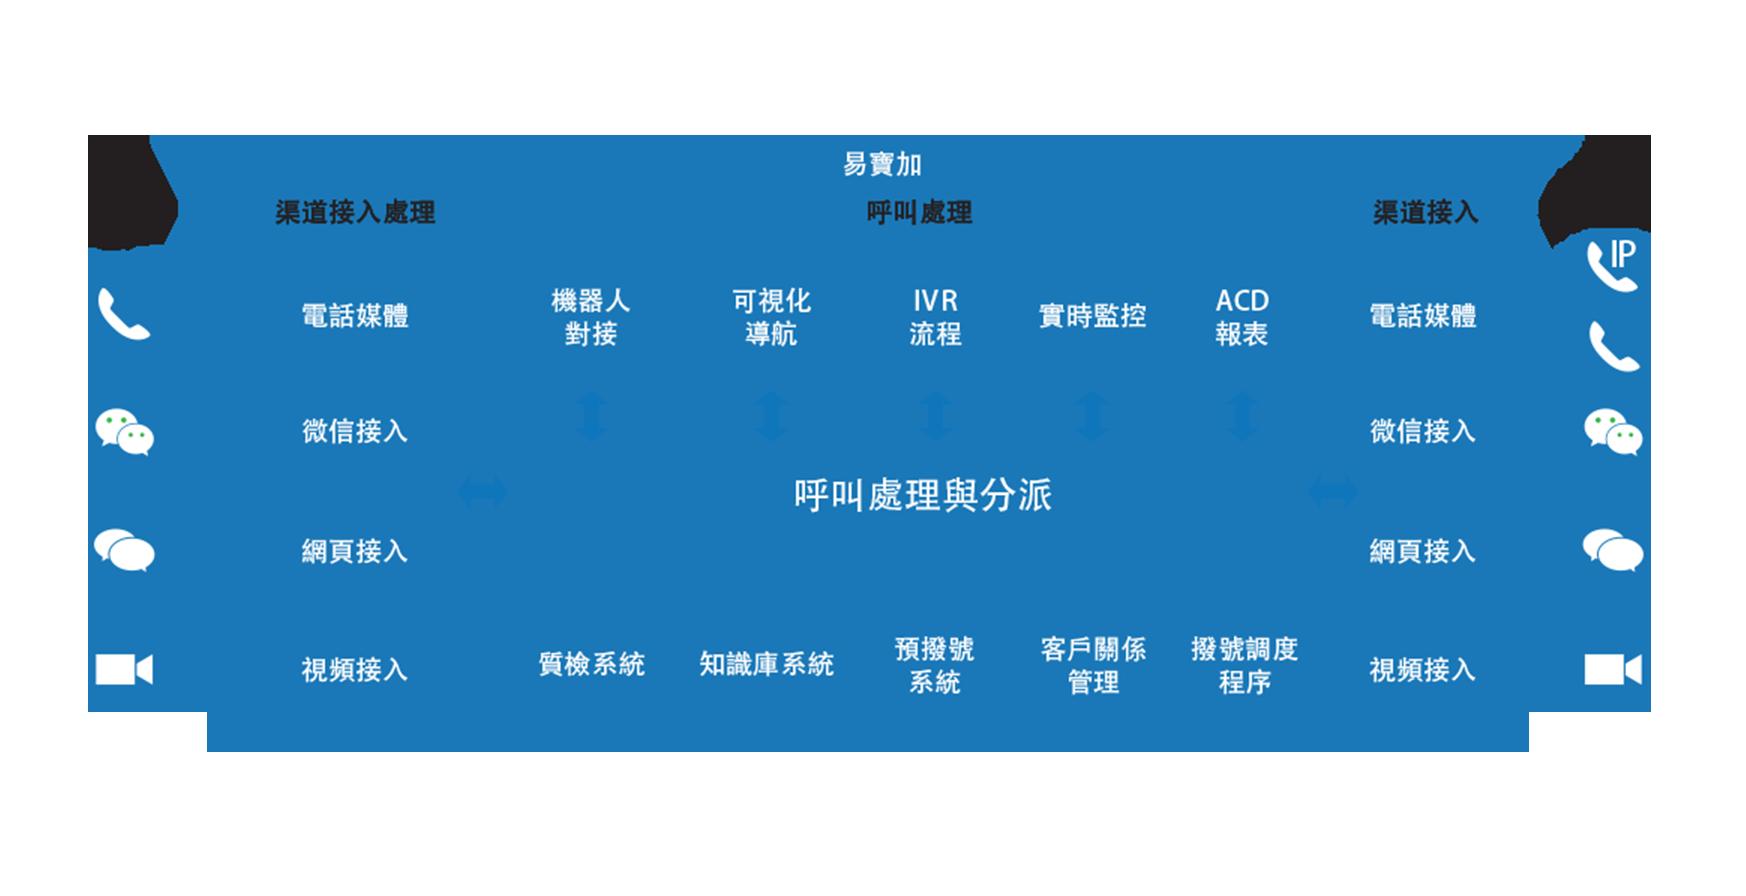 易寶加(proEPRO)全渠道聯絡中心解決方案